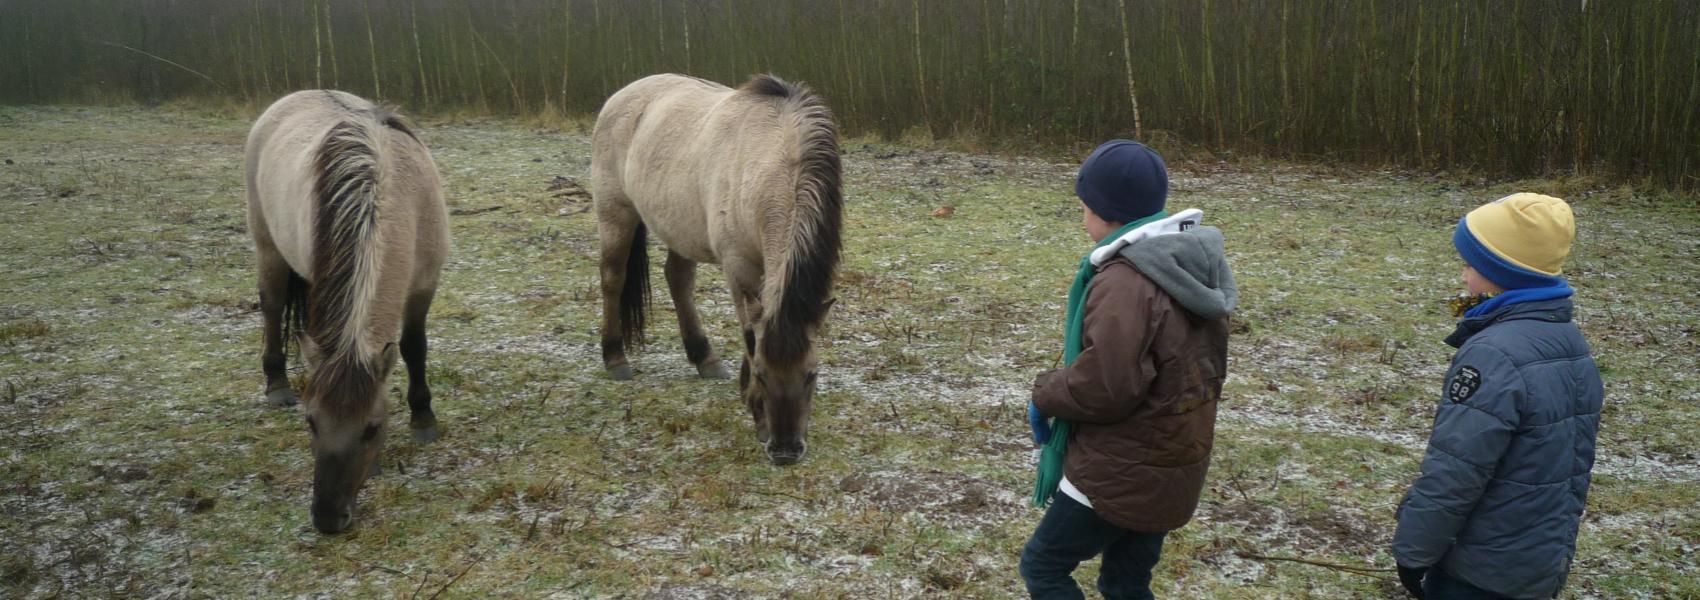 kinderen bij konikpaarden